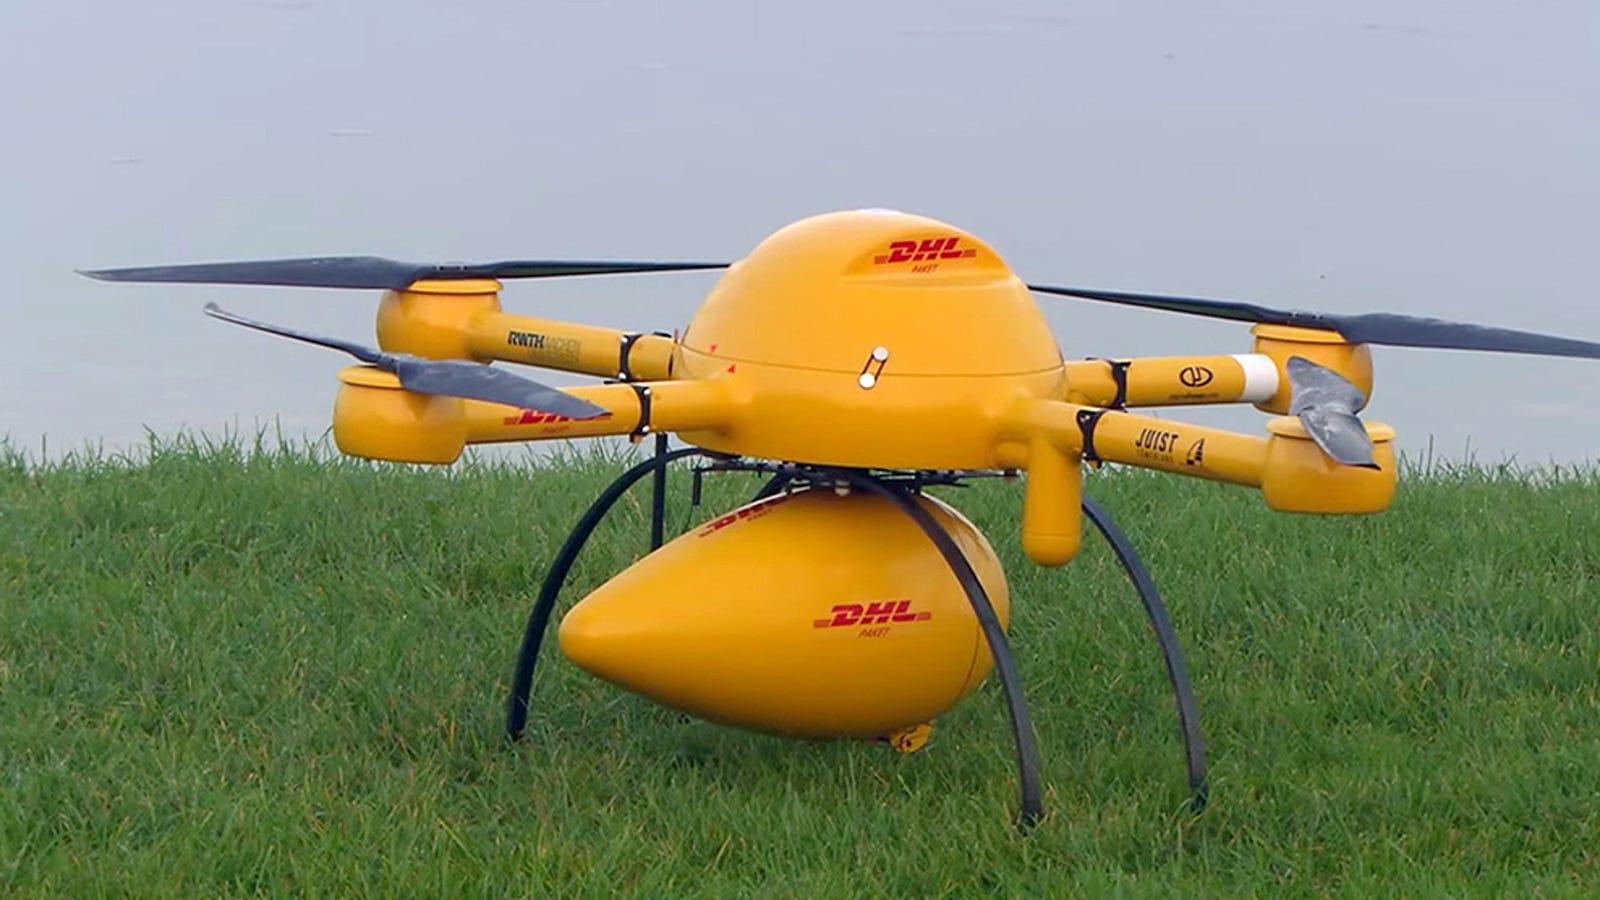 DHL comienza a probar repartir paquetes con drones en Alemania